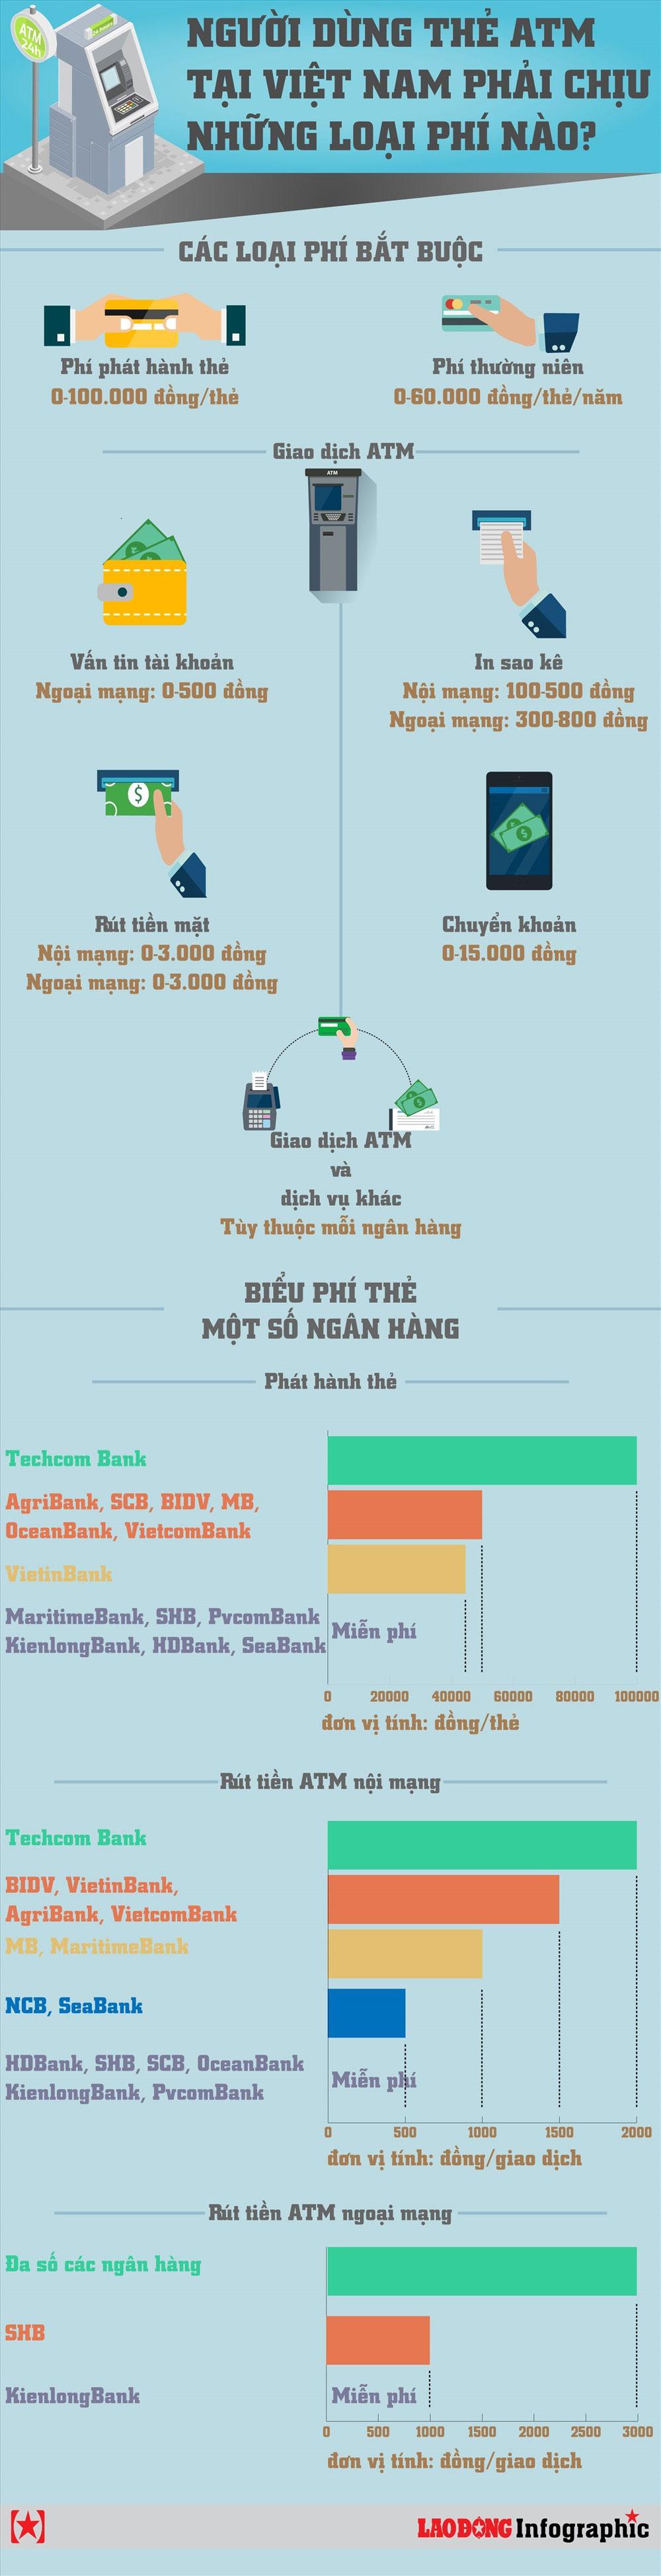 Người dùng thẻ ATM, Việt Nam, loại phí